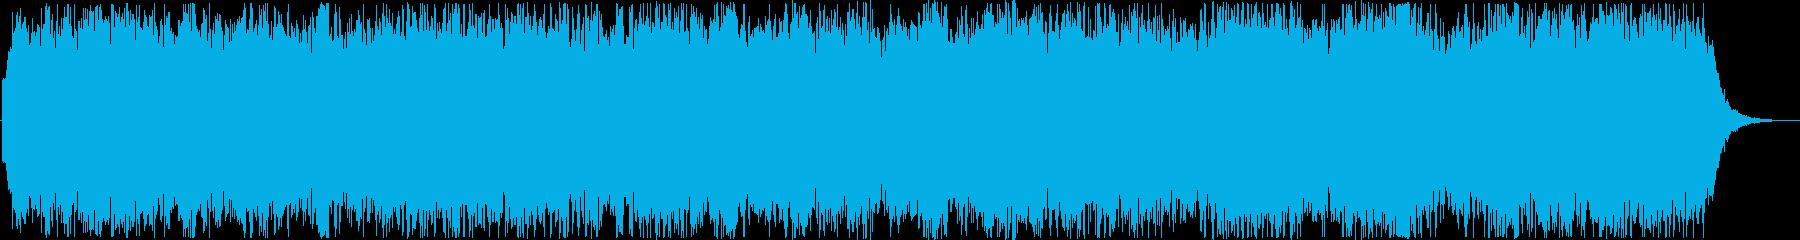 サイエンス・ドキュメンタリー系BGMの再生済みの波形